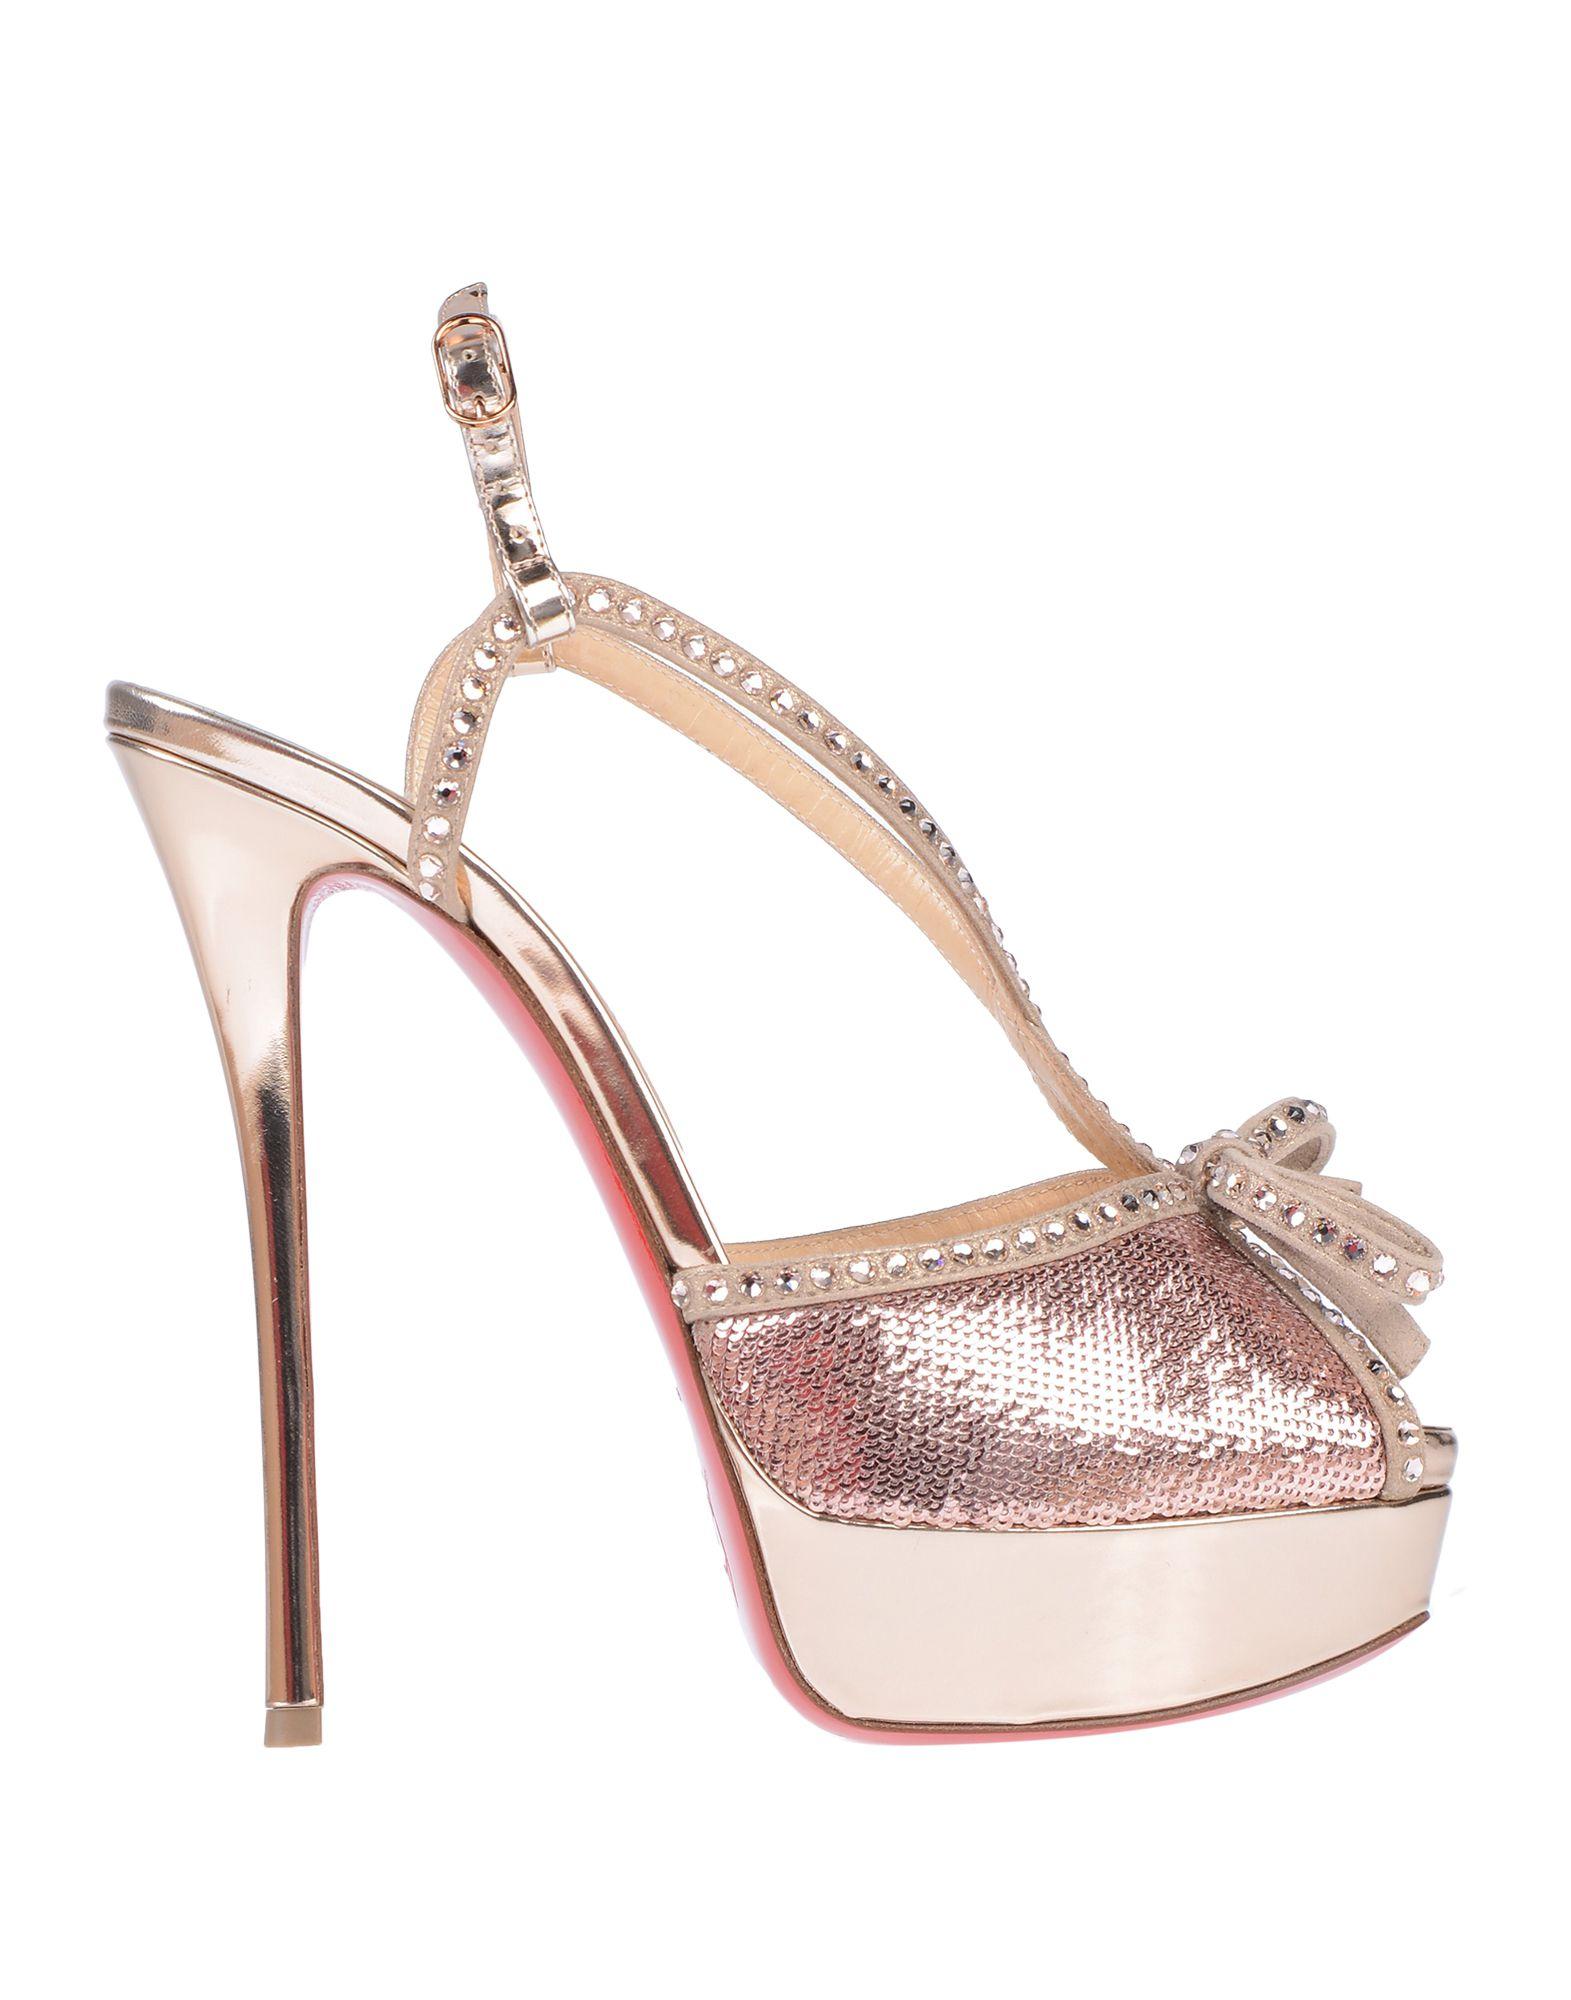 bec0d37188c Christian Louboutin Sandals - Women Christian Louboutin Sandals ...